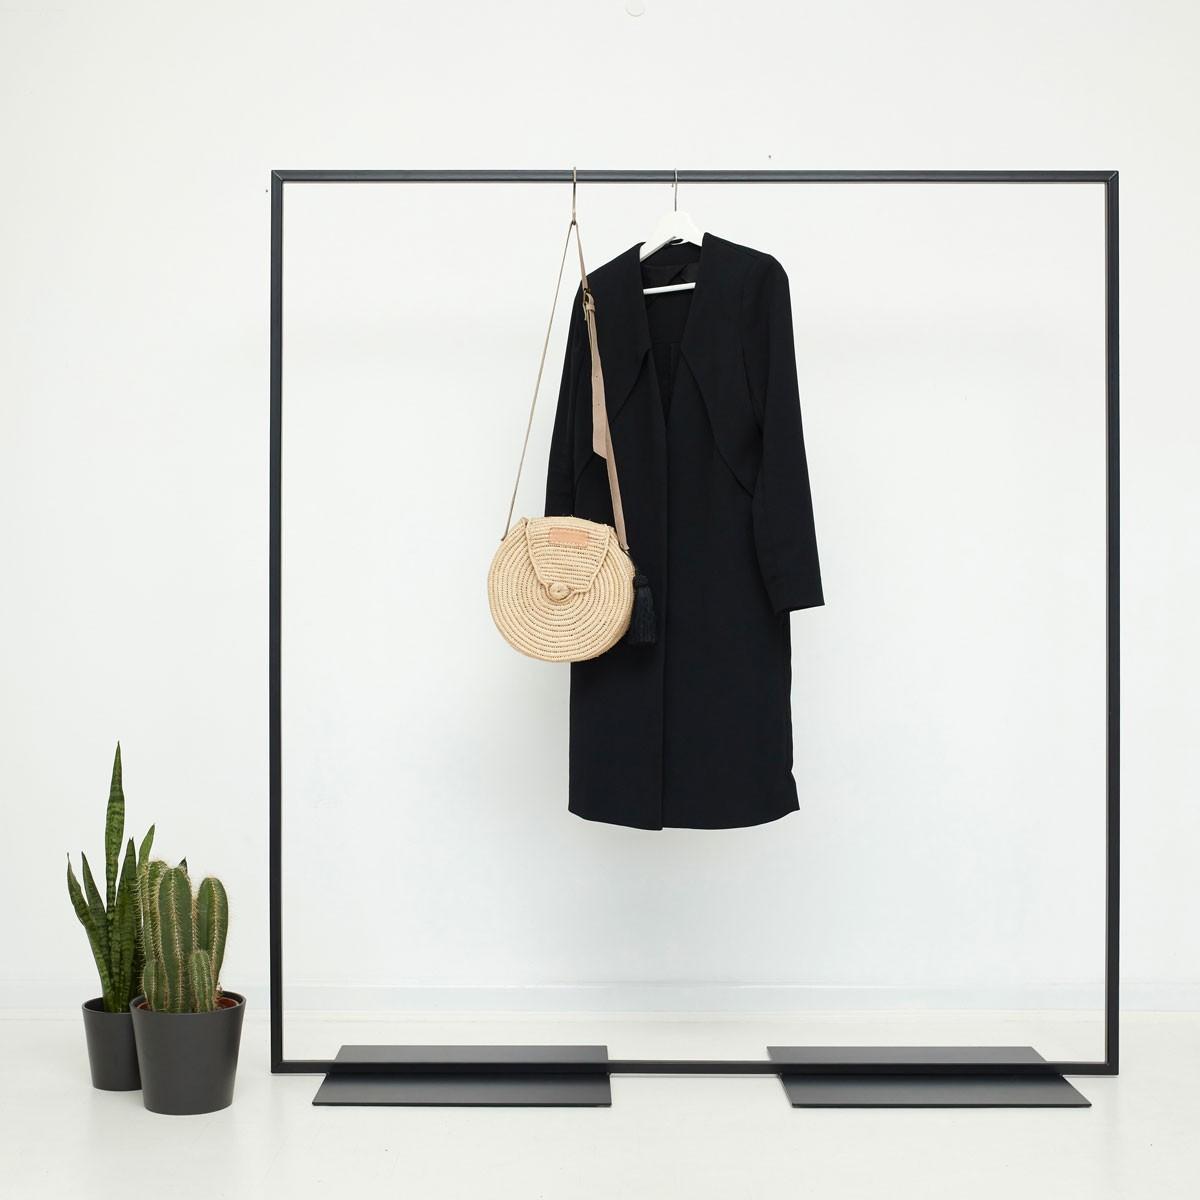 various Industrial Design Kleiderständer - skandinavisch geschweisst & schwarz pulverbeschichtet - Garderobenständer SIMPLE LOVE